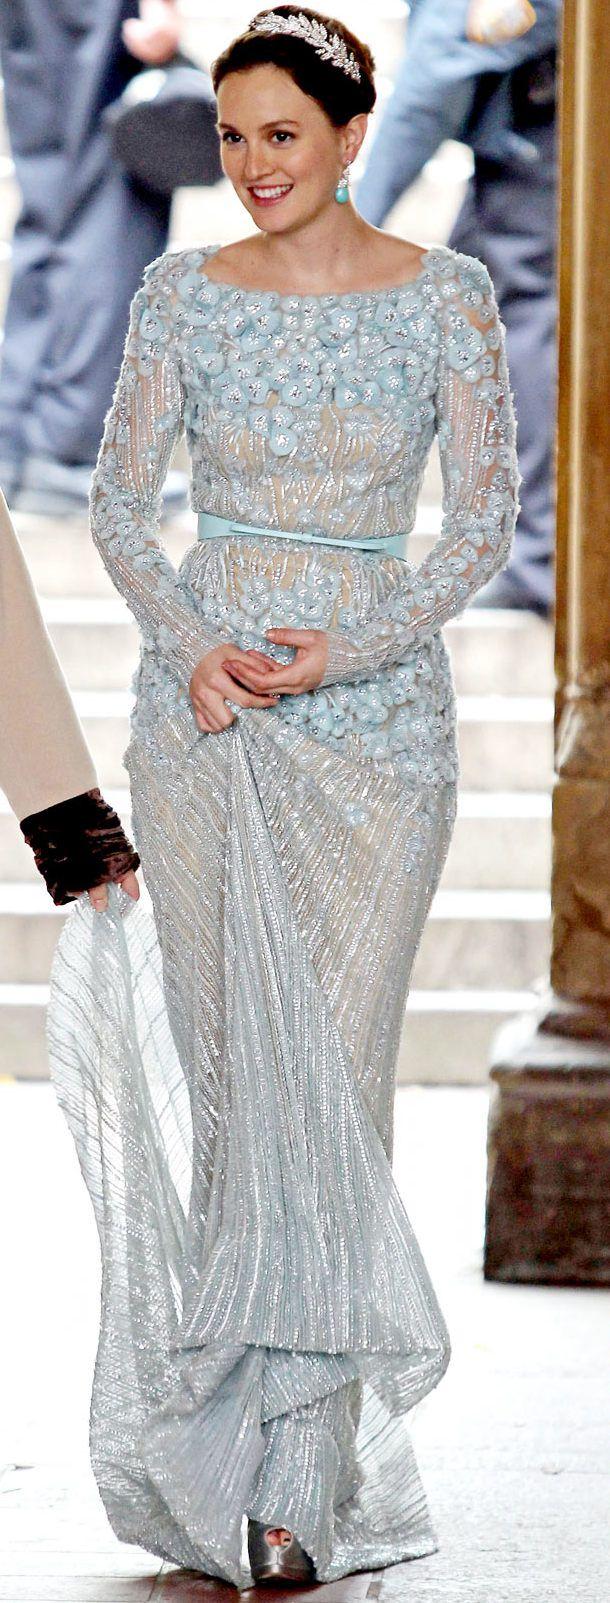 Villainous Voguester Gossip Girl Fashion Gossip Girl Outfits Blue Wedding Dresses